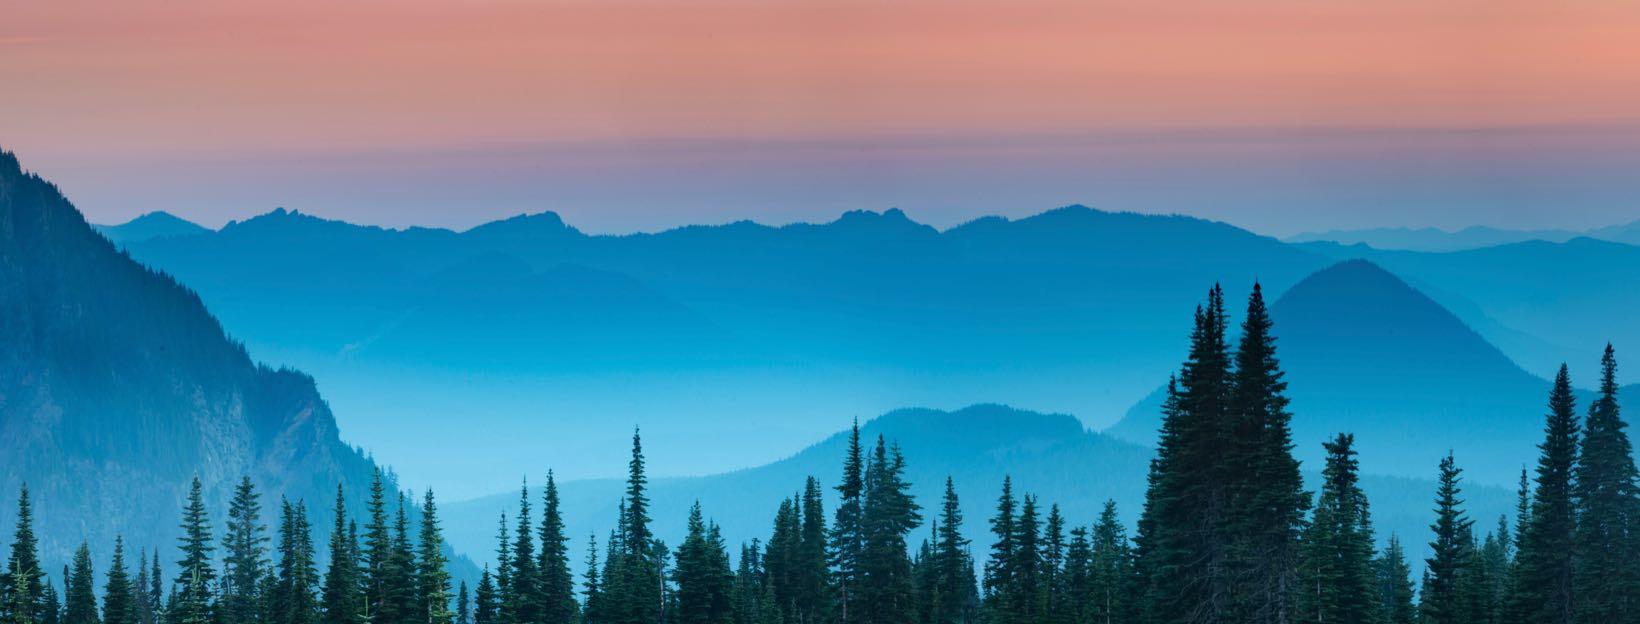 Foto von Bergen und Wäldern zur blauen Stunde]